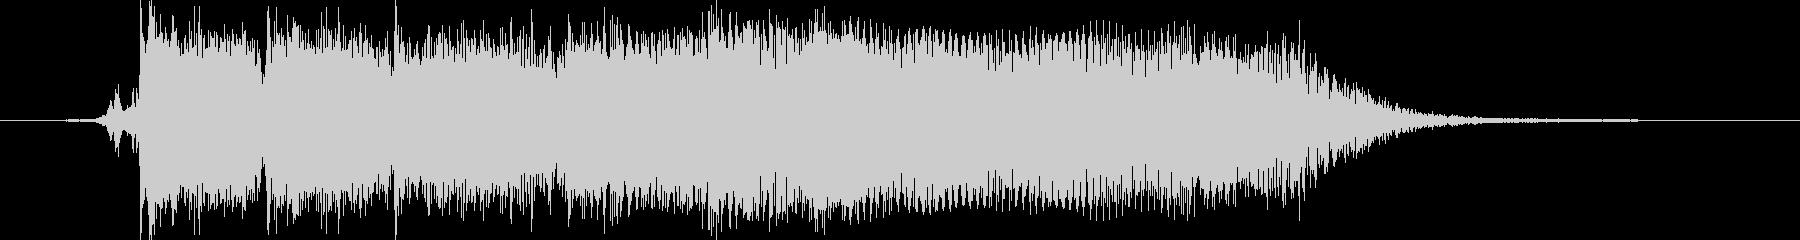 シンプルでロックなエレキギタージングル1の未再生の波形